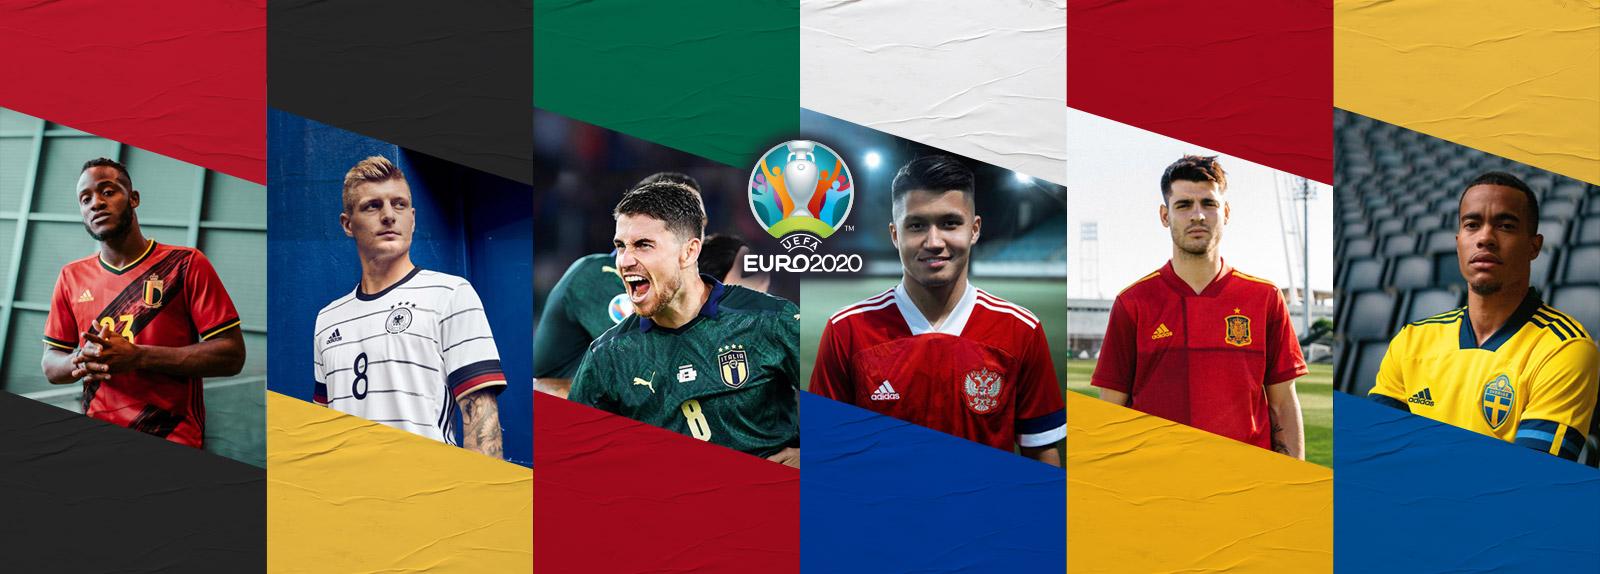 EURO 2020 : Les nouveaux maillots sont là !